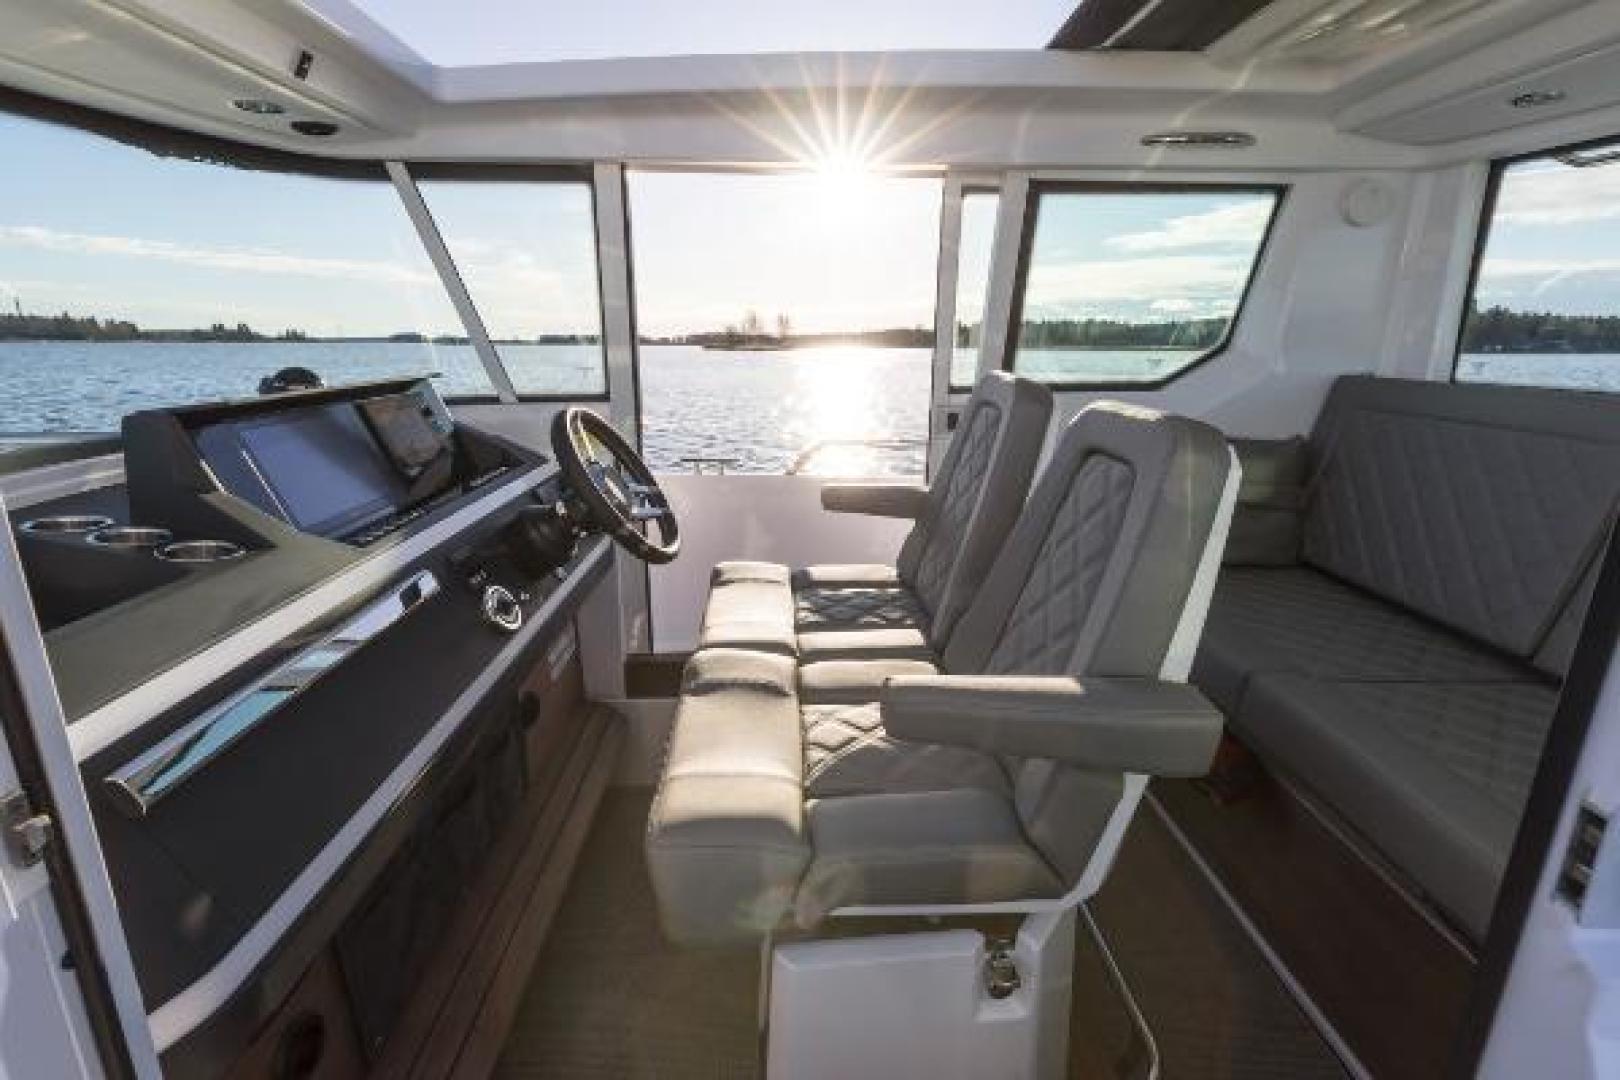 Axopar-28 CABIN 2020-Axopar 28 CABIN Palm Beach-Florida-United States-1531465 | Thumbnail